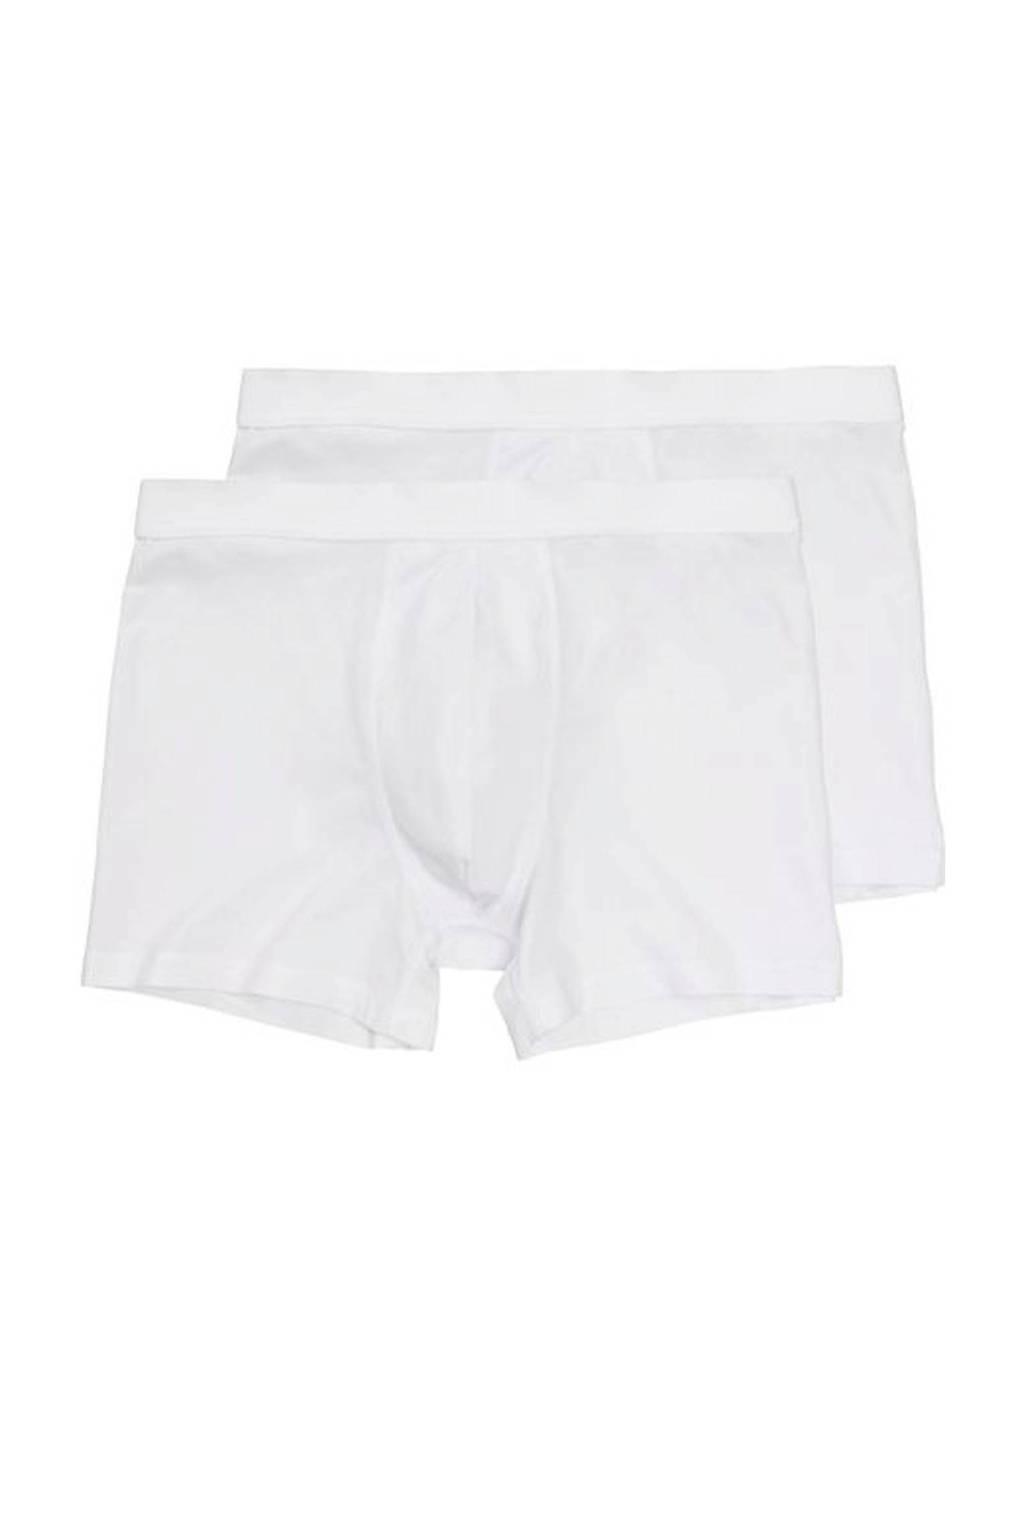 HEMA boxershort (set van 2), Wit